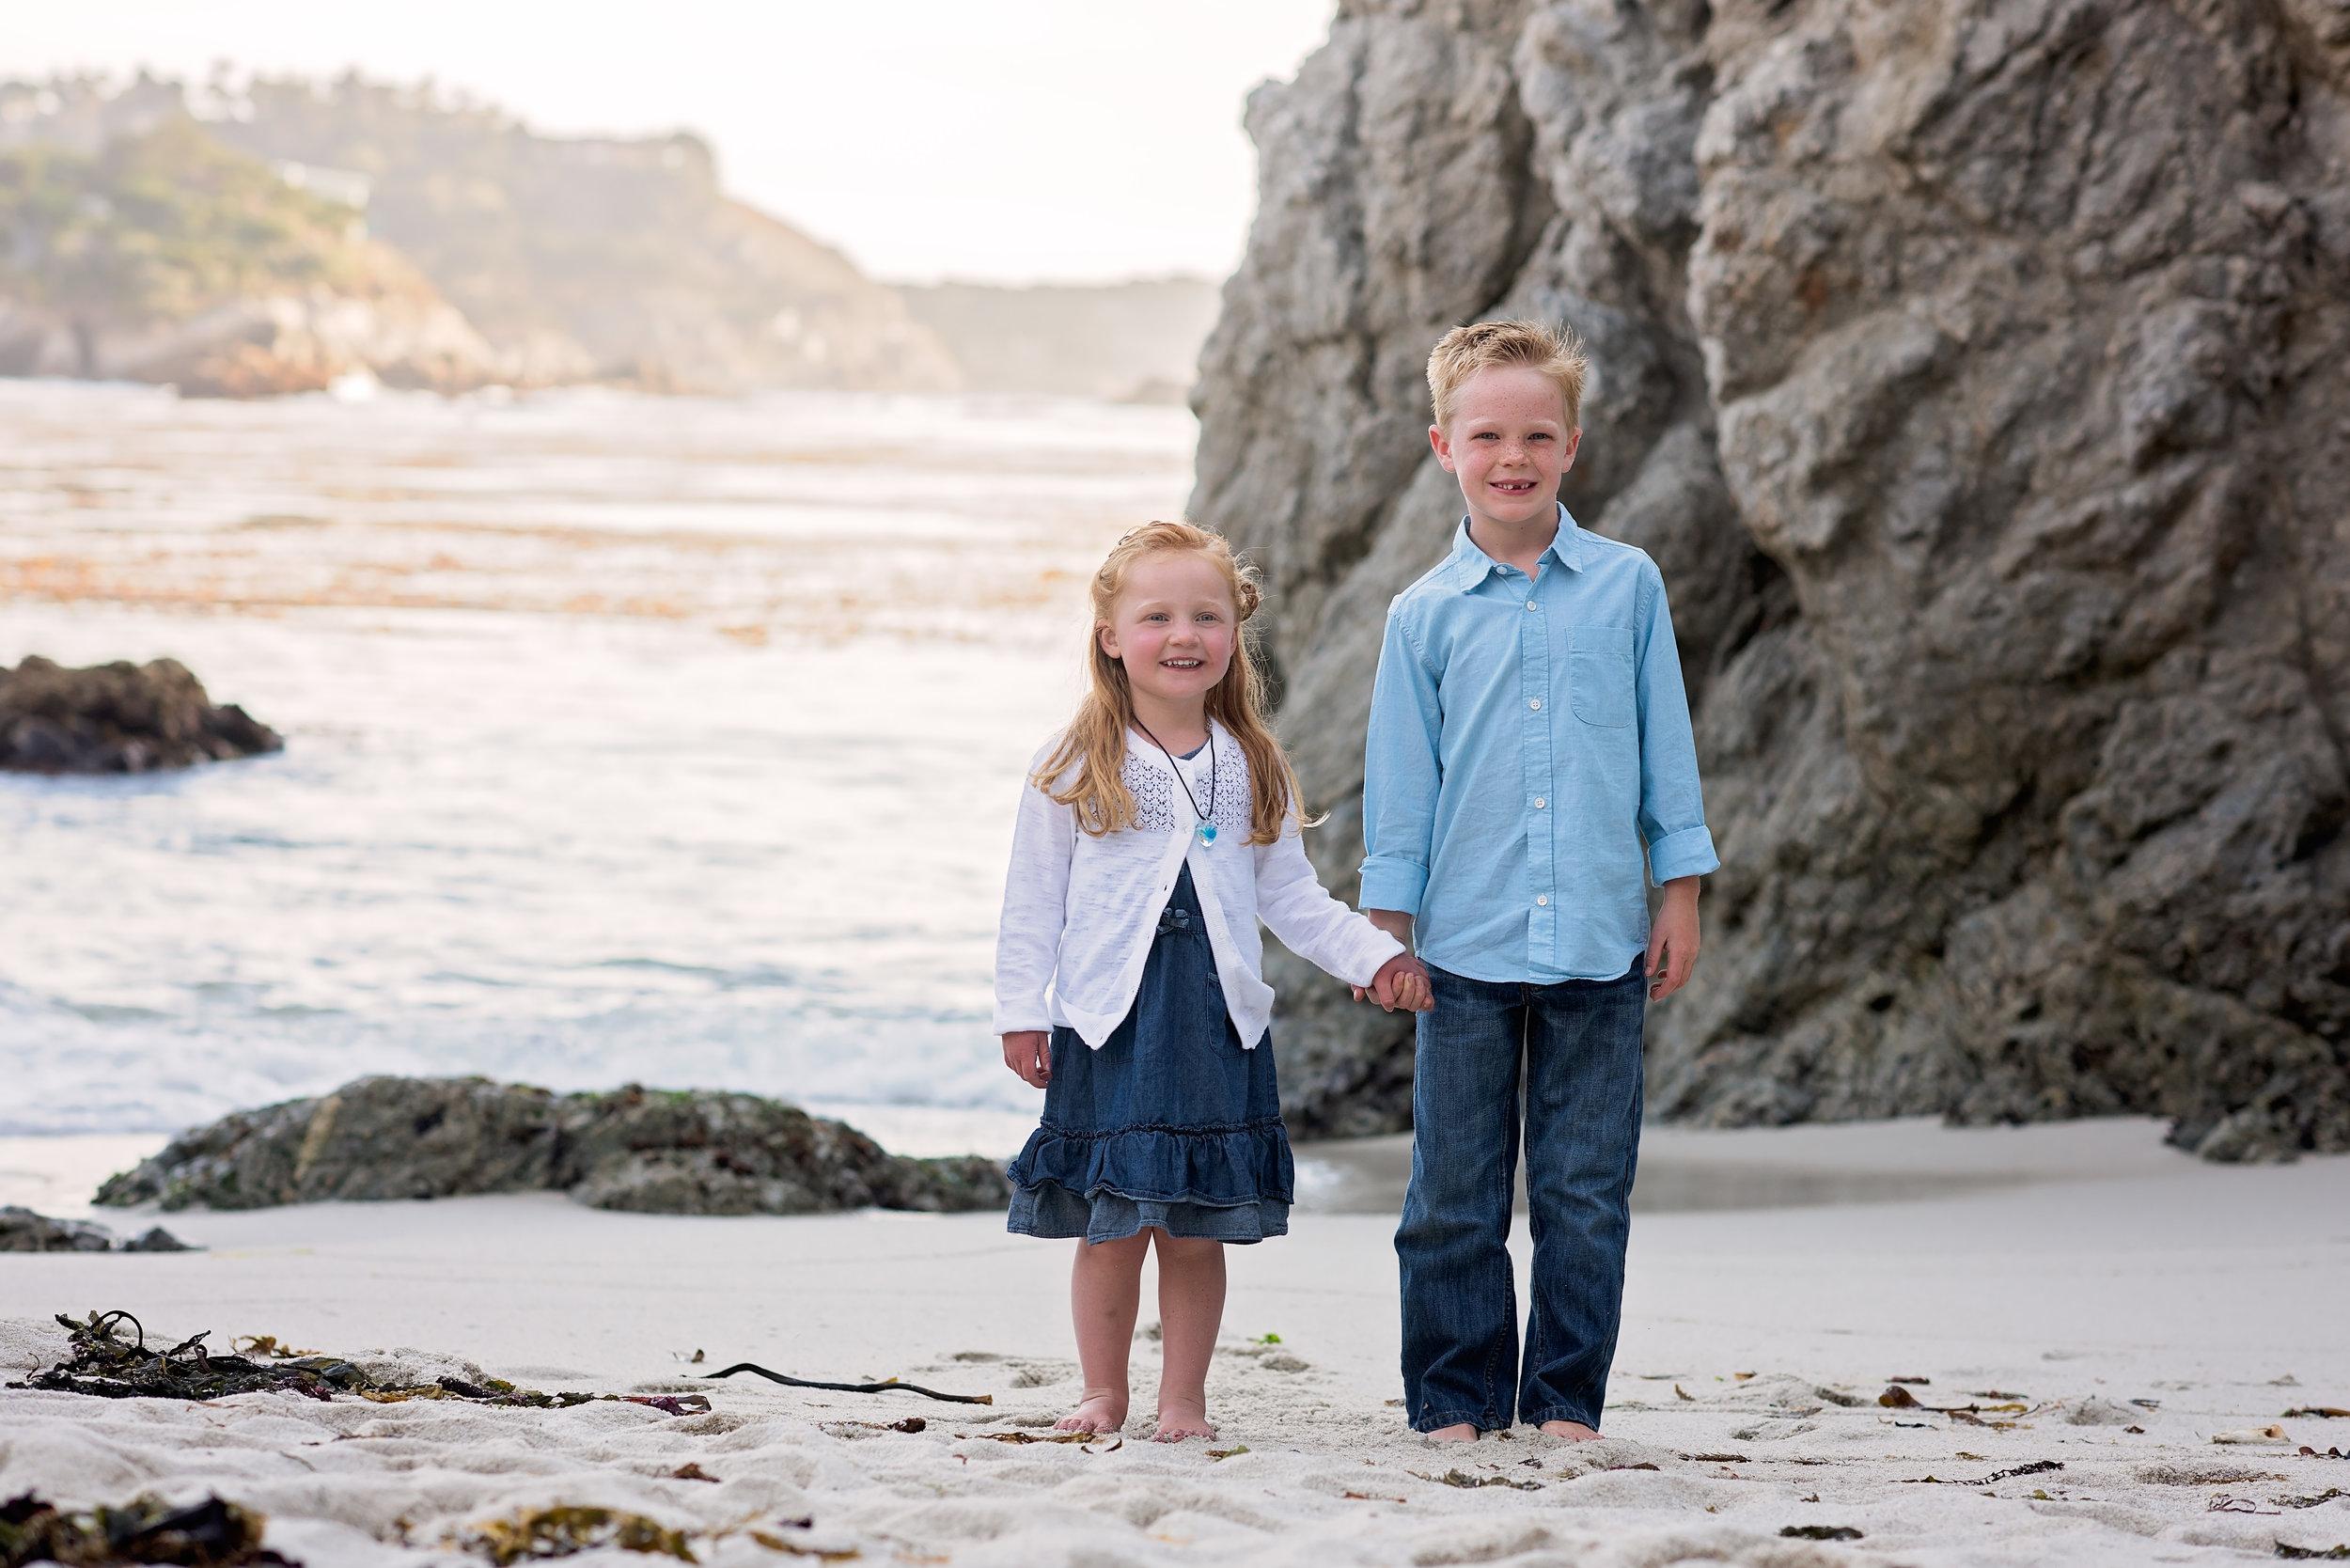 Family Portraits, Carmel, CA